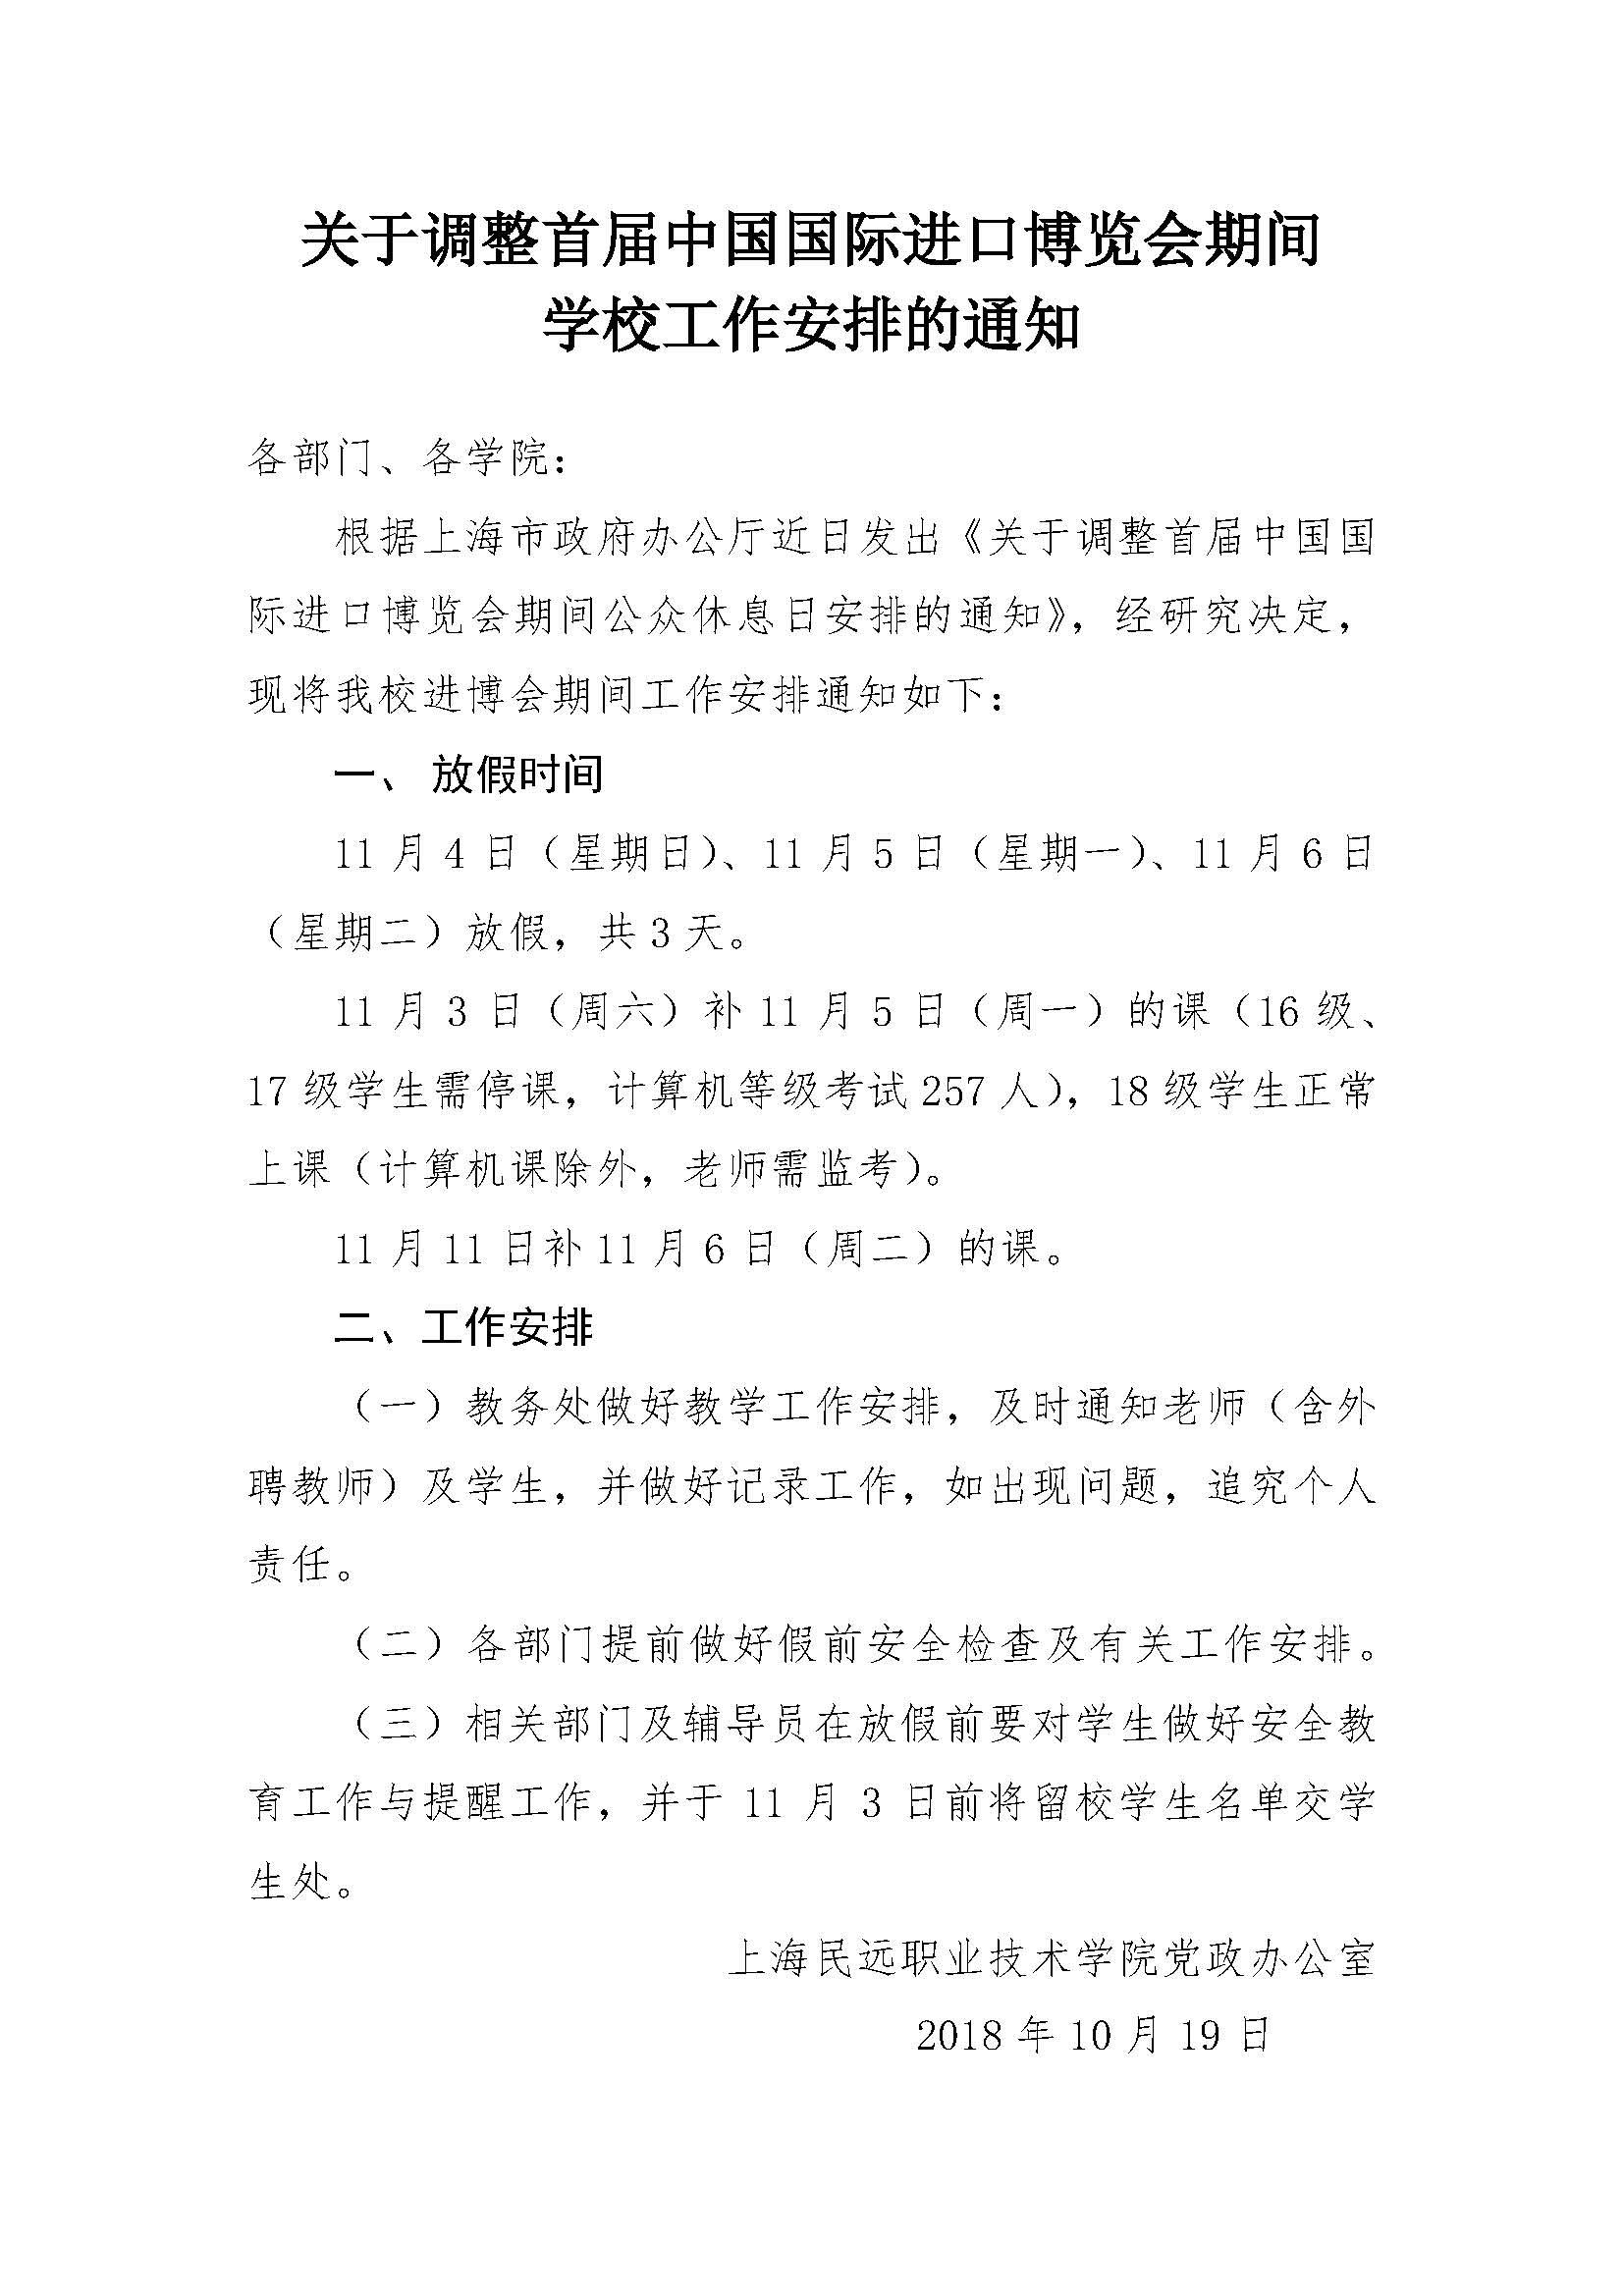 上海民远职业技术学院关于进博会期间工作安排的通知.jpg